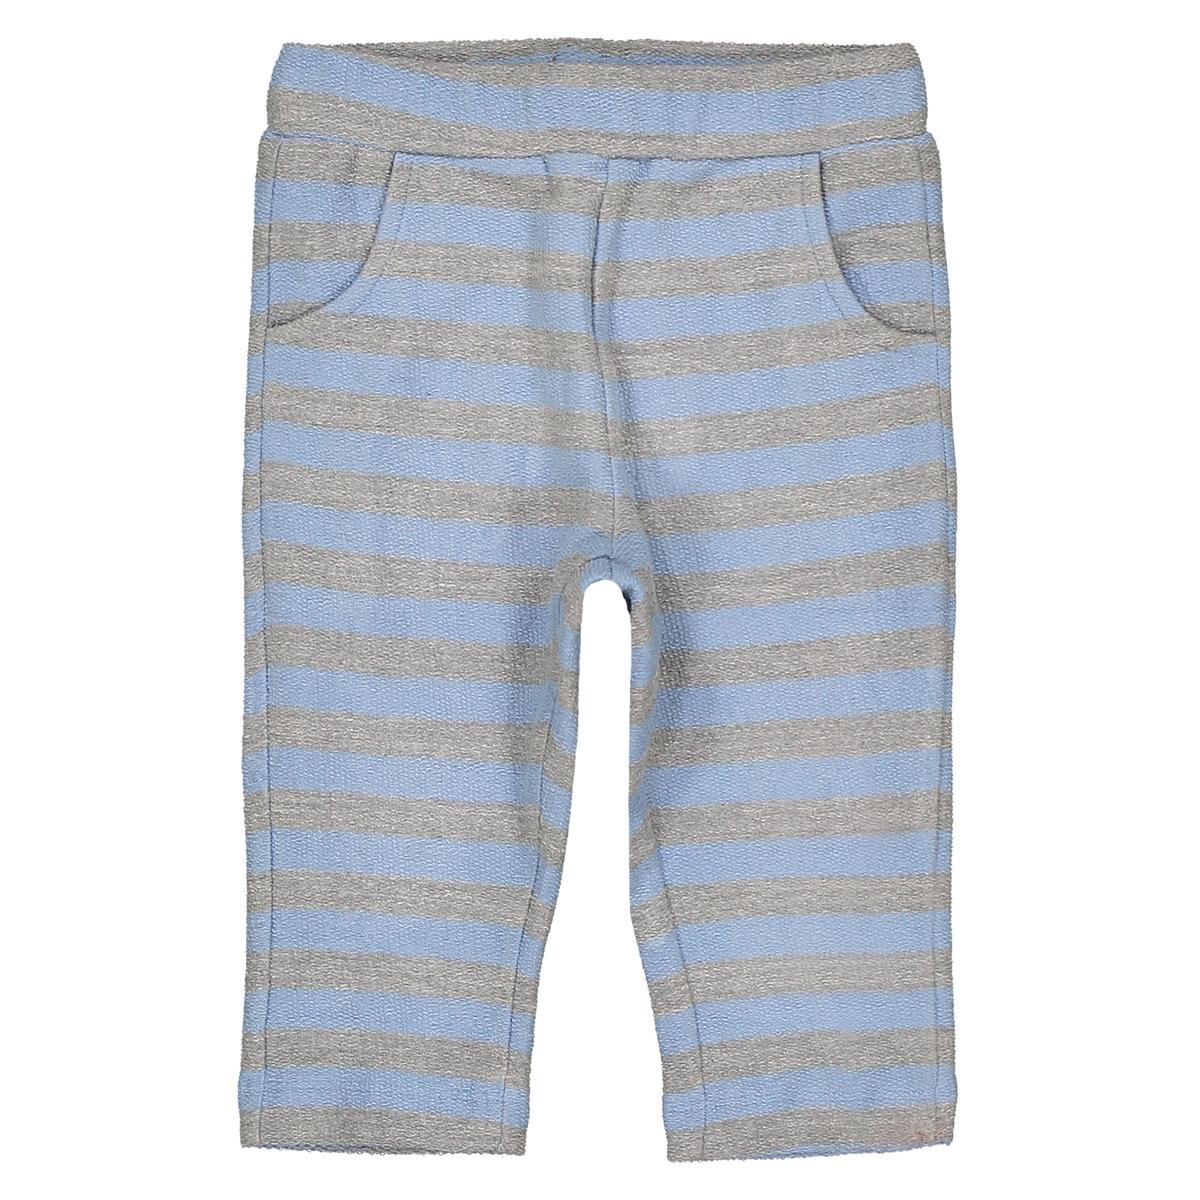 Брюки в полоску - 1 мес. - 3 годаОписание:Детали •  Спортивные брюки •  Стандартная высота пояса •  Рисунок в полоску   •  Эластичный поясСостав и уход •  80% хлопка, 20% полиэстера •  Стирать при 40° •  Сухая чистка и отбеливатели запрещены • Барабанная сушка на слабом режиме       •  Низкая температура глажки<br><br>Цвет: синий + серый<br>Размер: 6 мес. - 67 см.3 мес. - 60 см.2 года - 86 см.9 мес. - 71 см.1 мес. - 54 см.18 мес. - 81 см.3 года - 94 см.1 год - 74 см